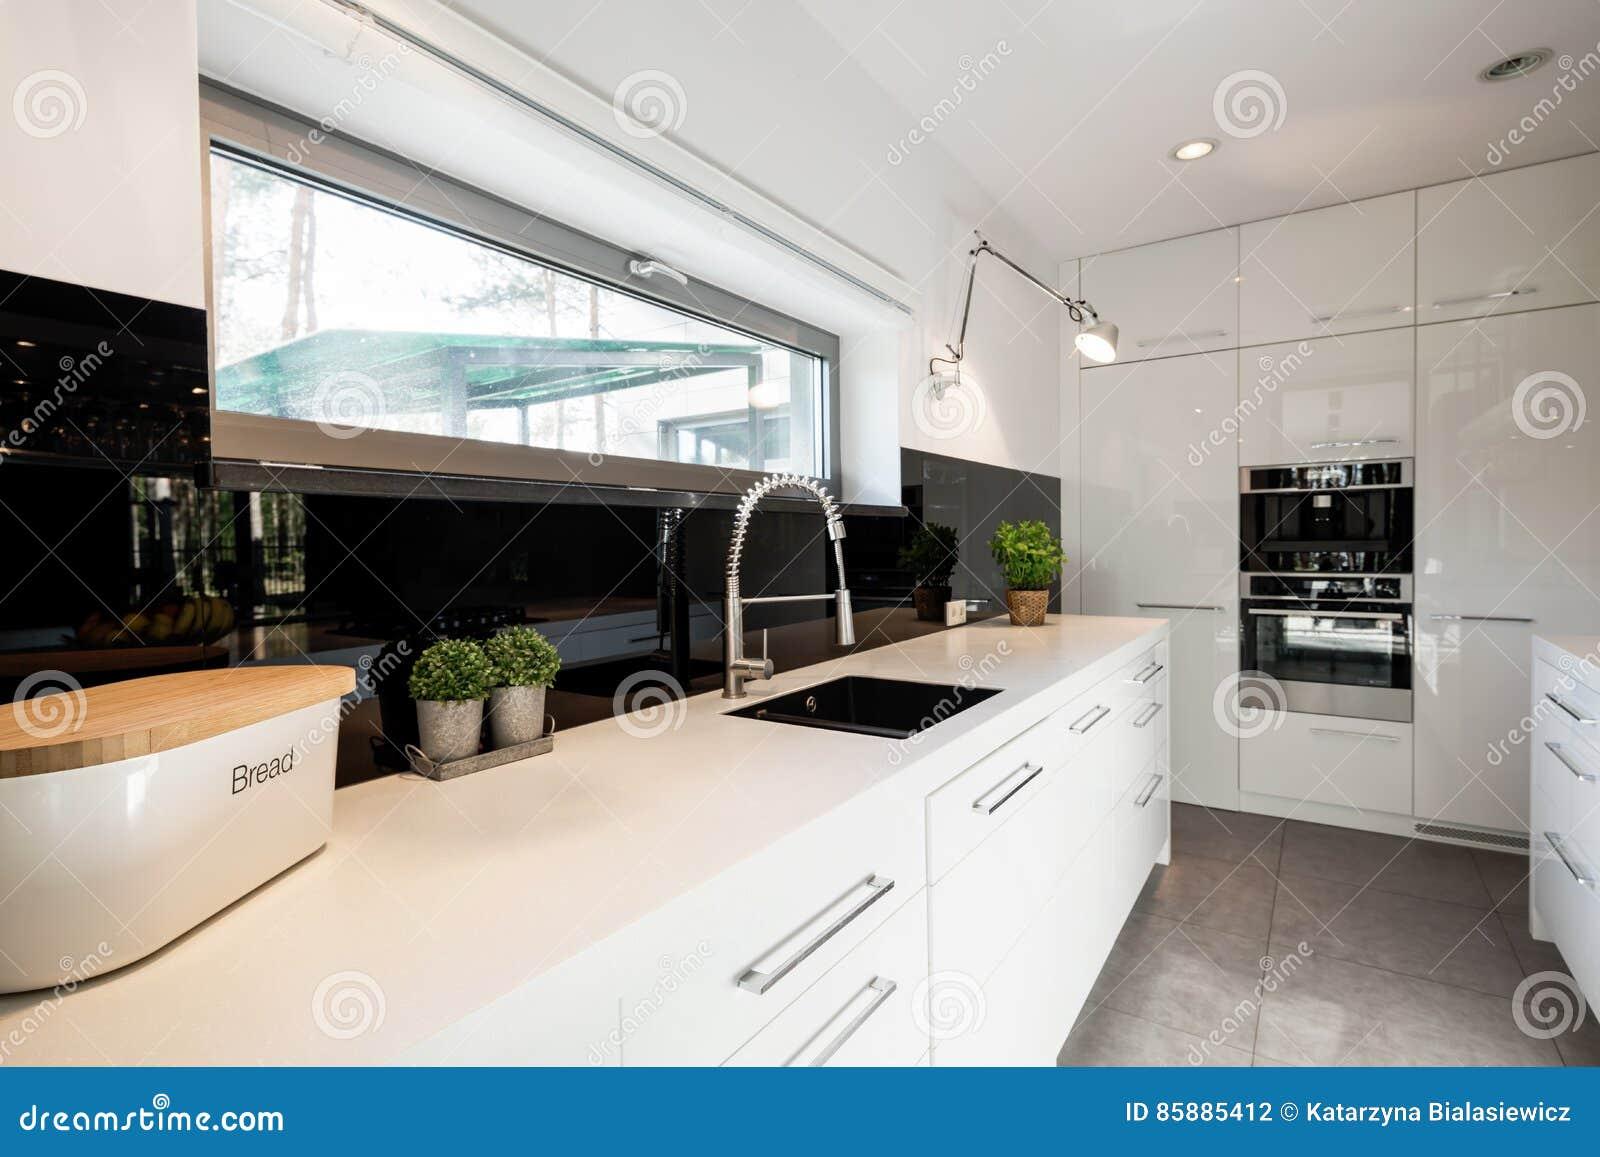 cuisine fonctionnelle avec les meubles blancs photo stock - image du